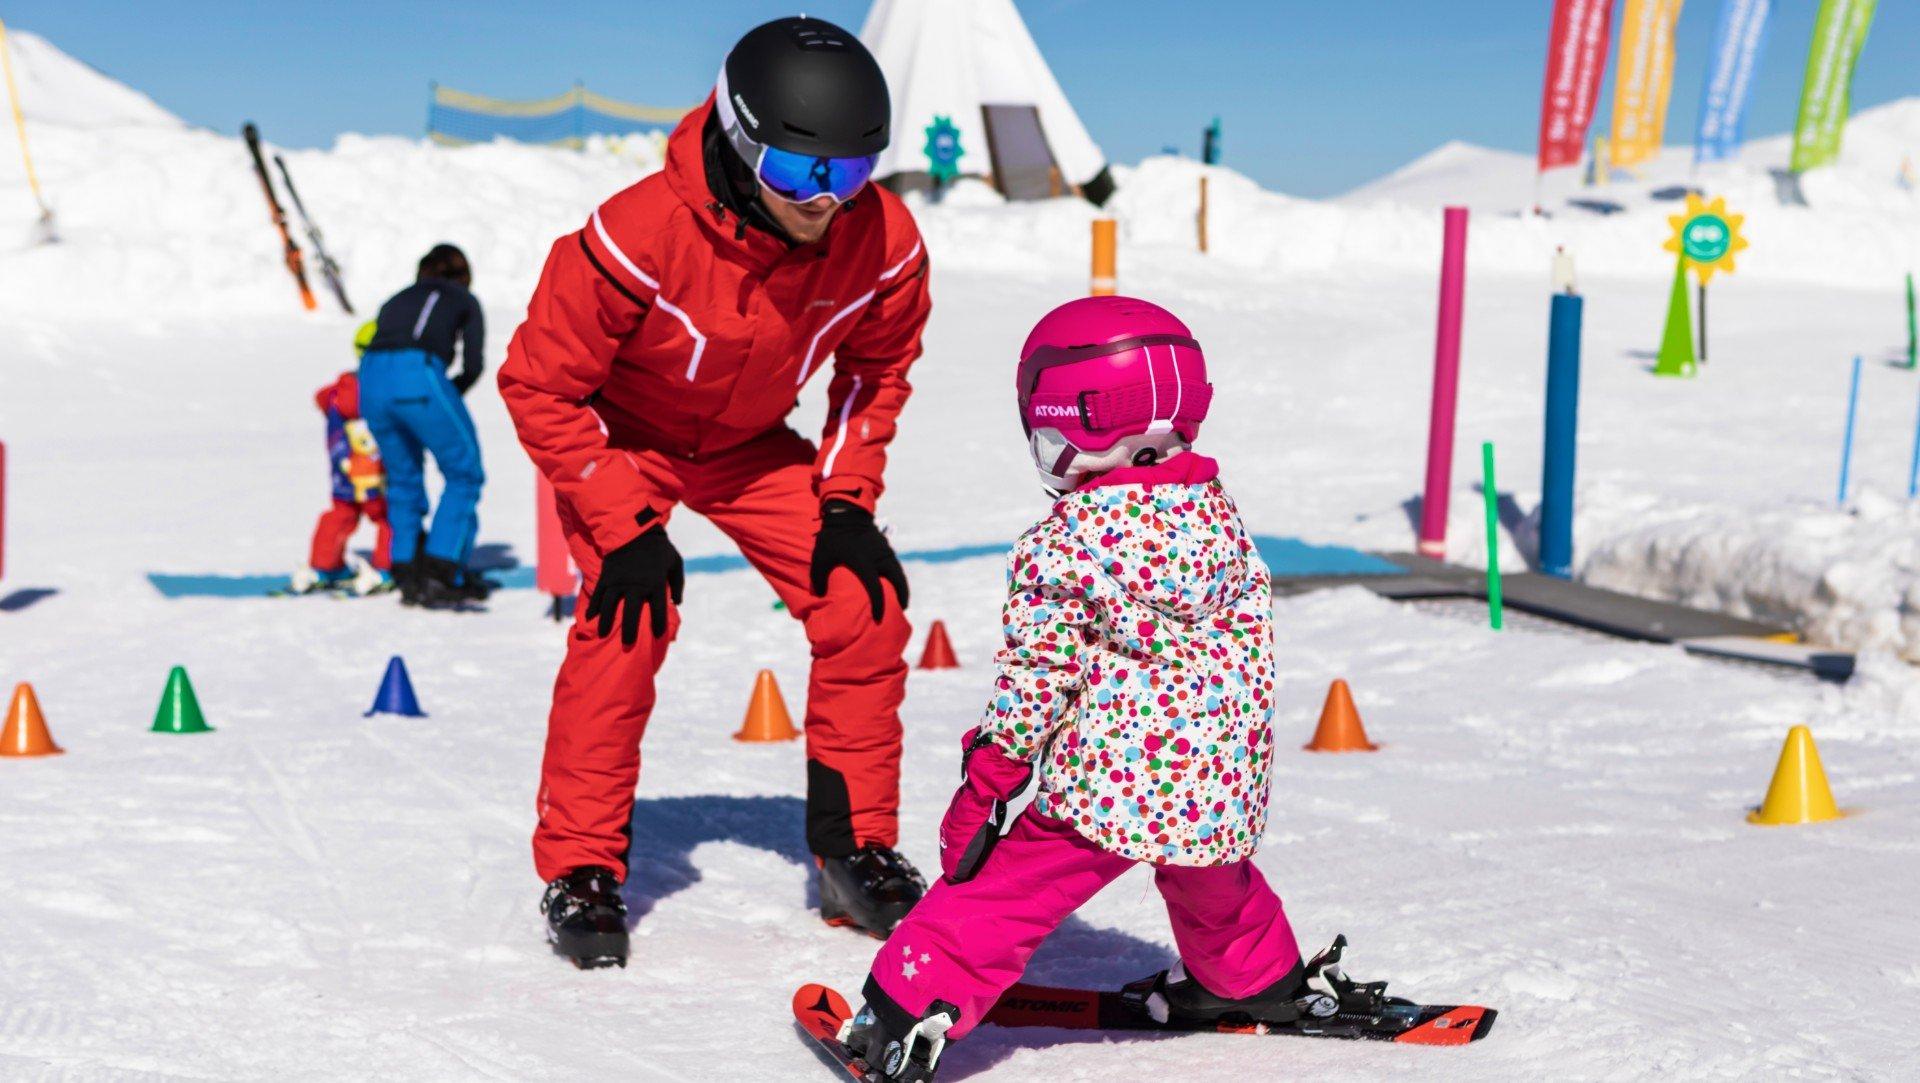 Un moniteur de ski apprend à une petite fille à skier.